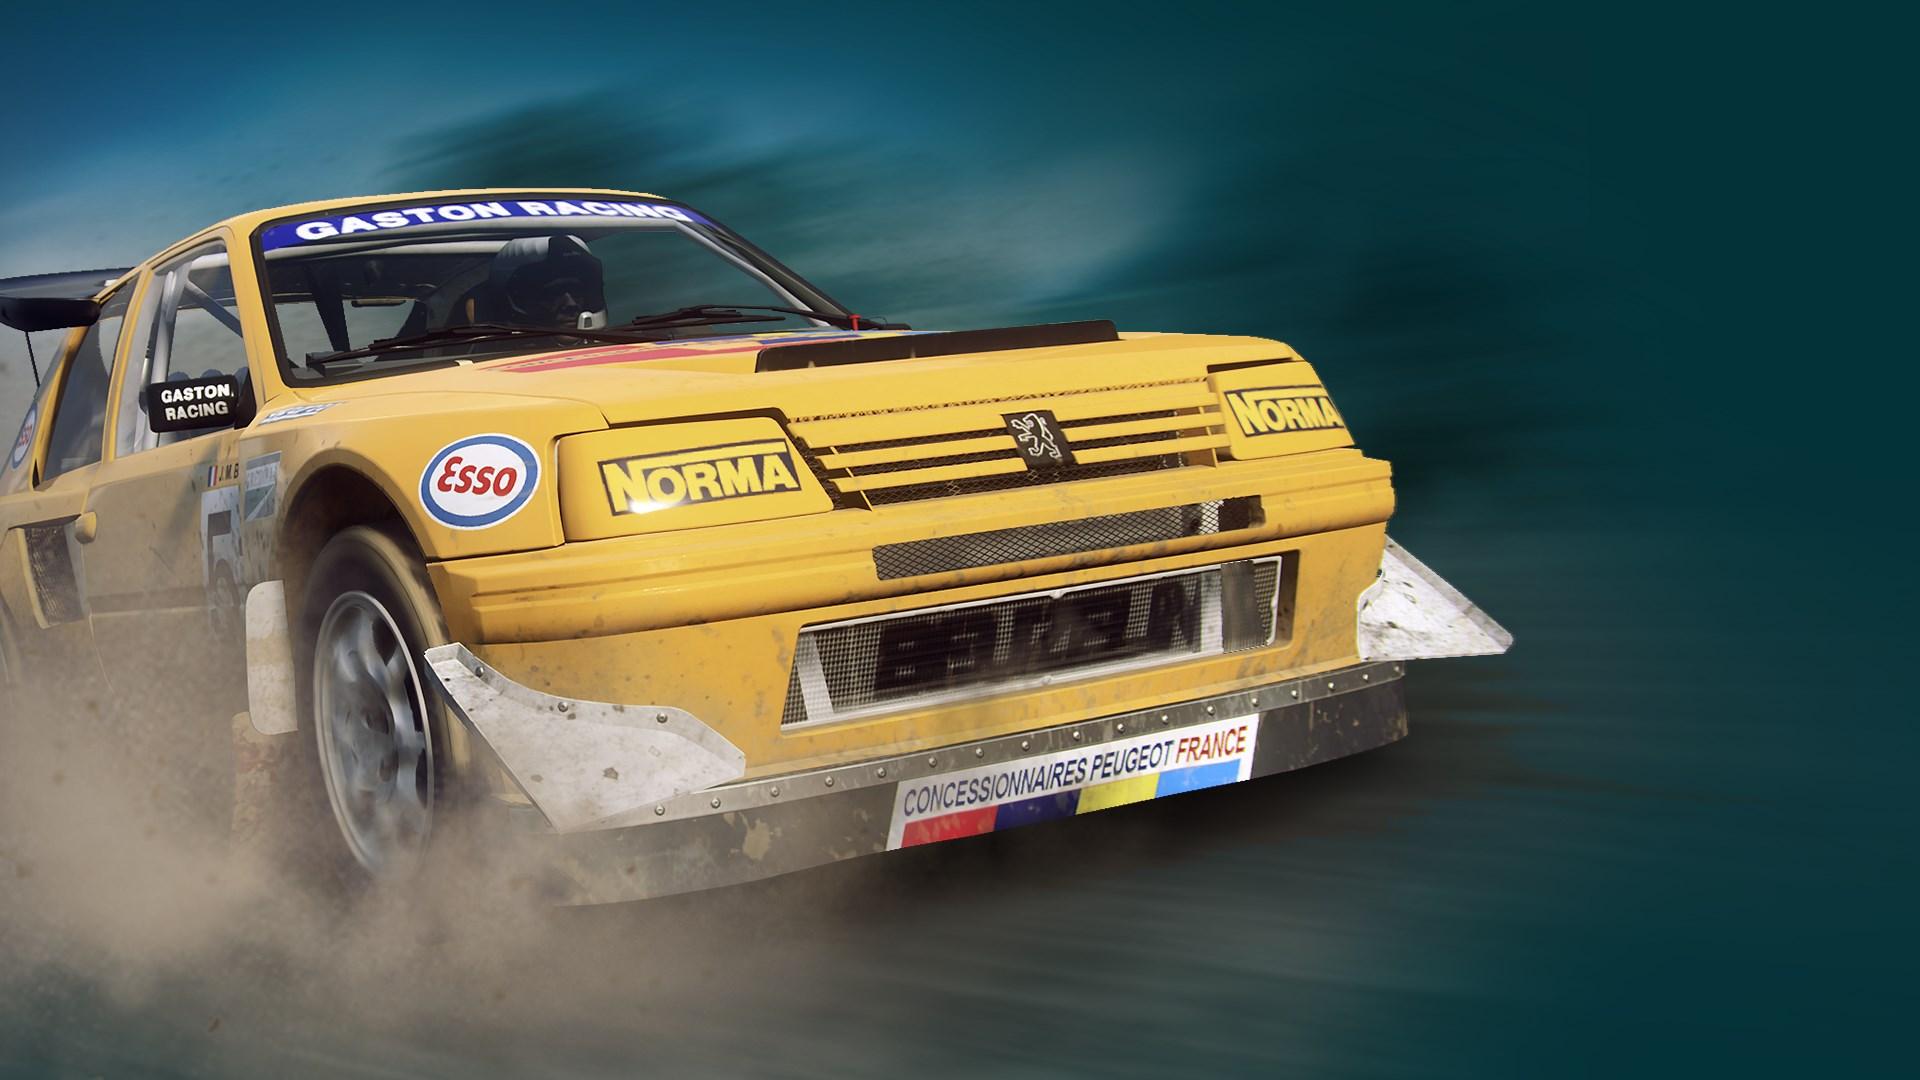 DiRT Rally 2.0 - Peugeot 205 T16 Rallycross